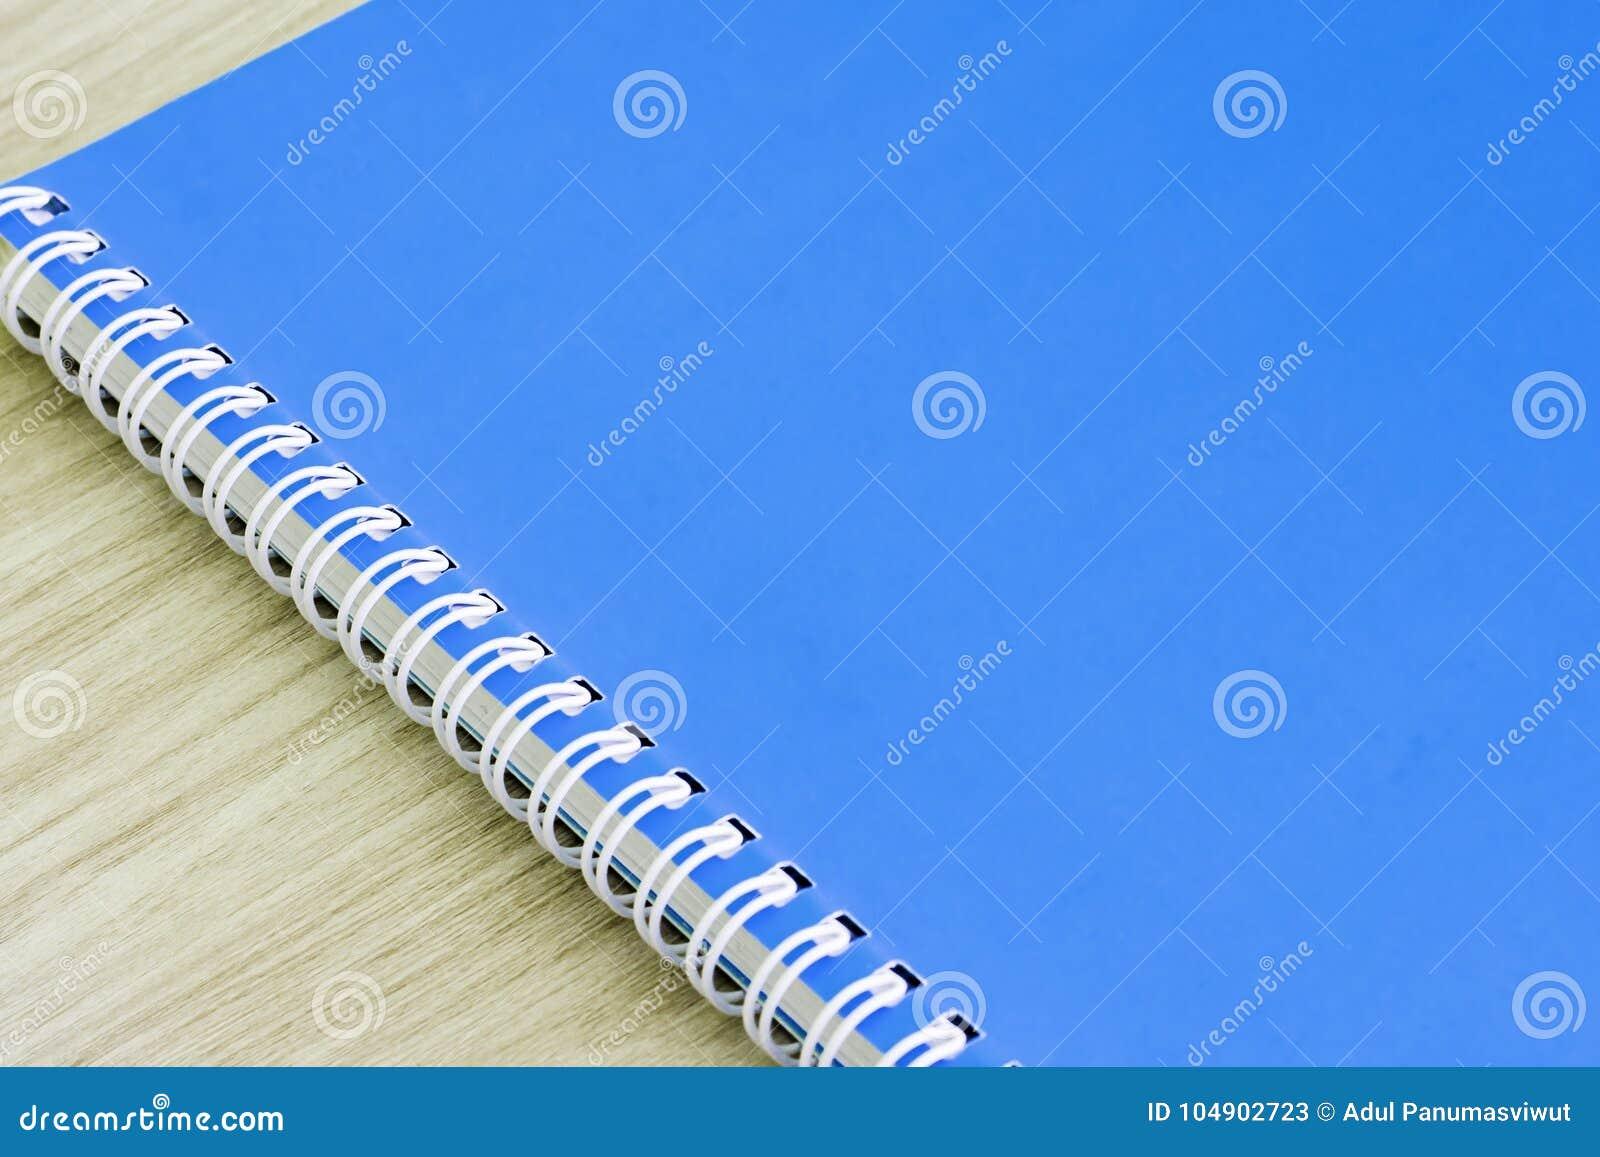 教育产业想法书套的空白的蓝皮书空的盖子书螺旋文具学校用品设计笔记本备忘录